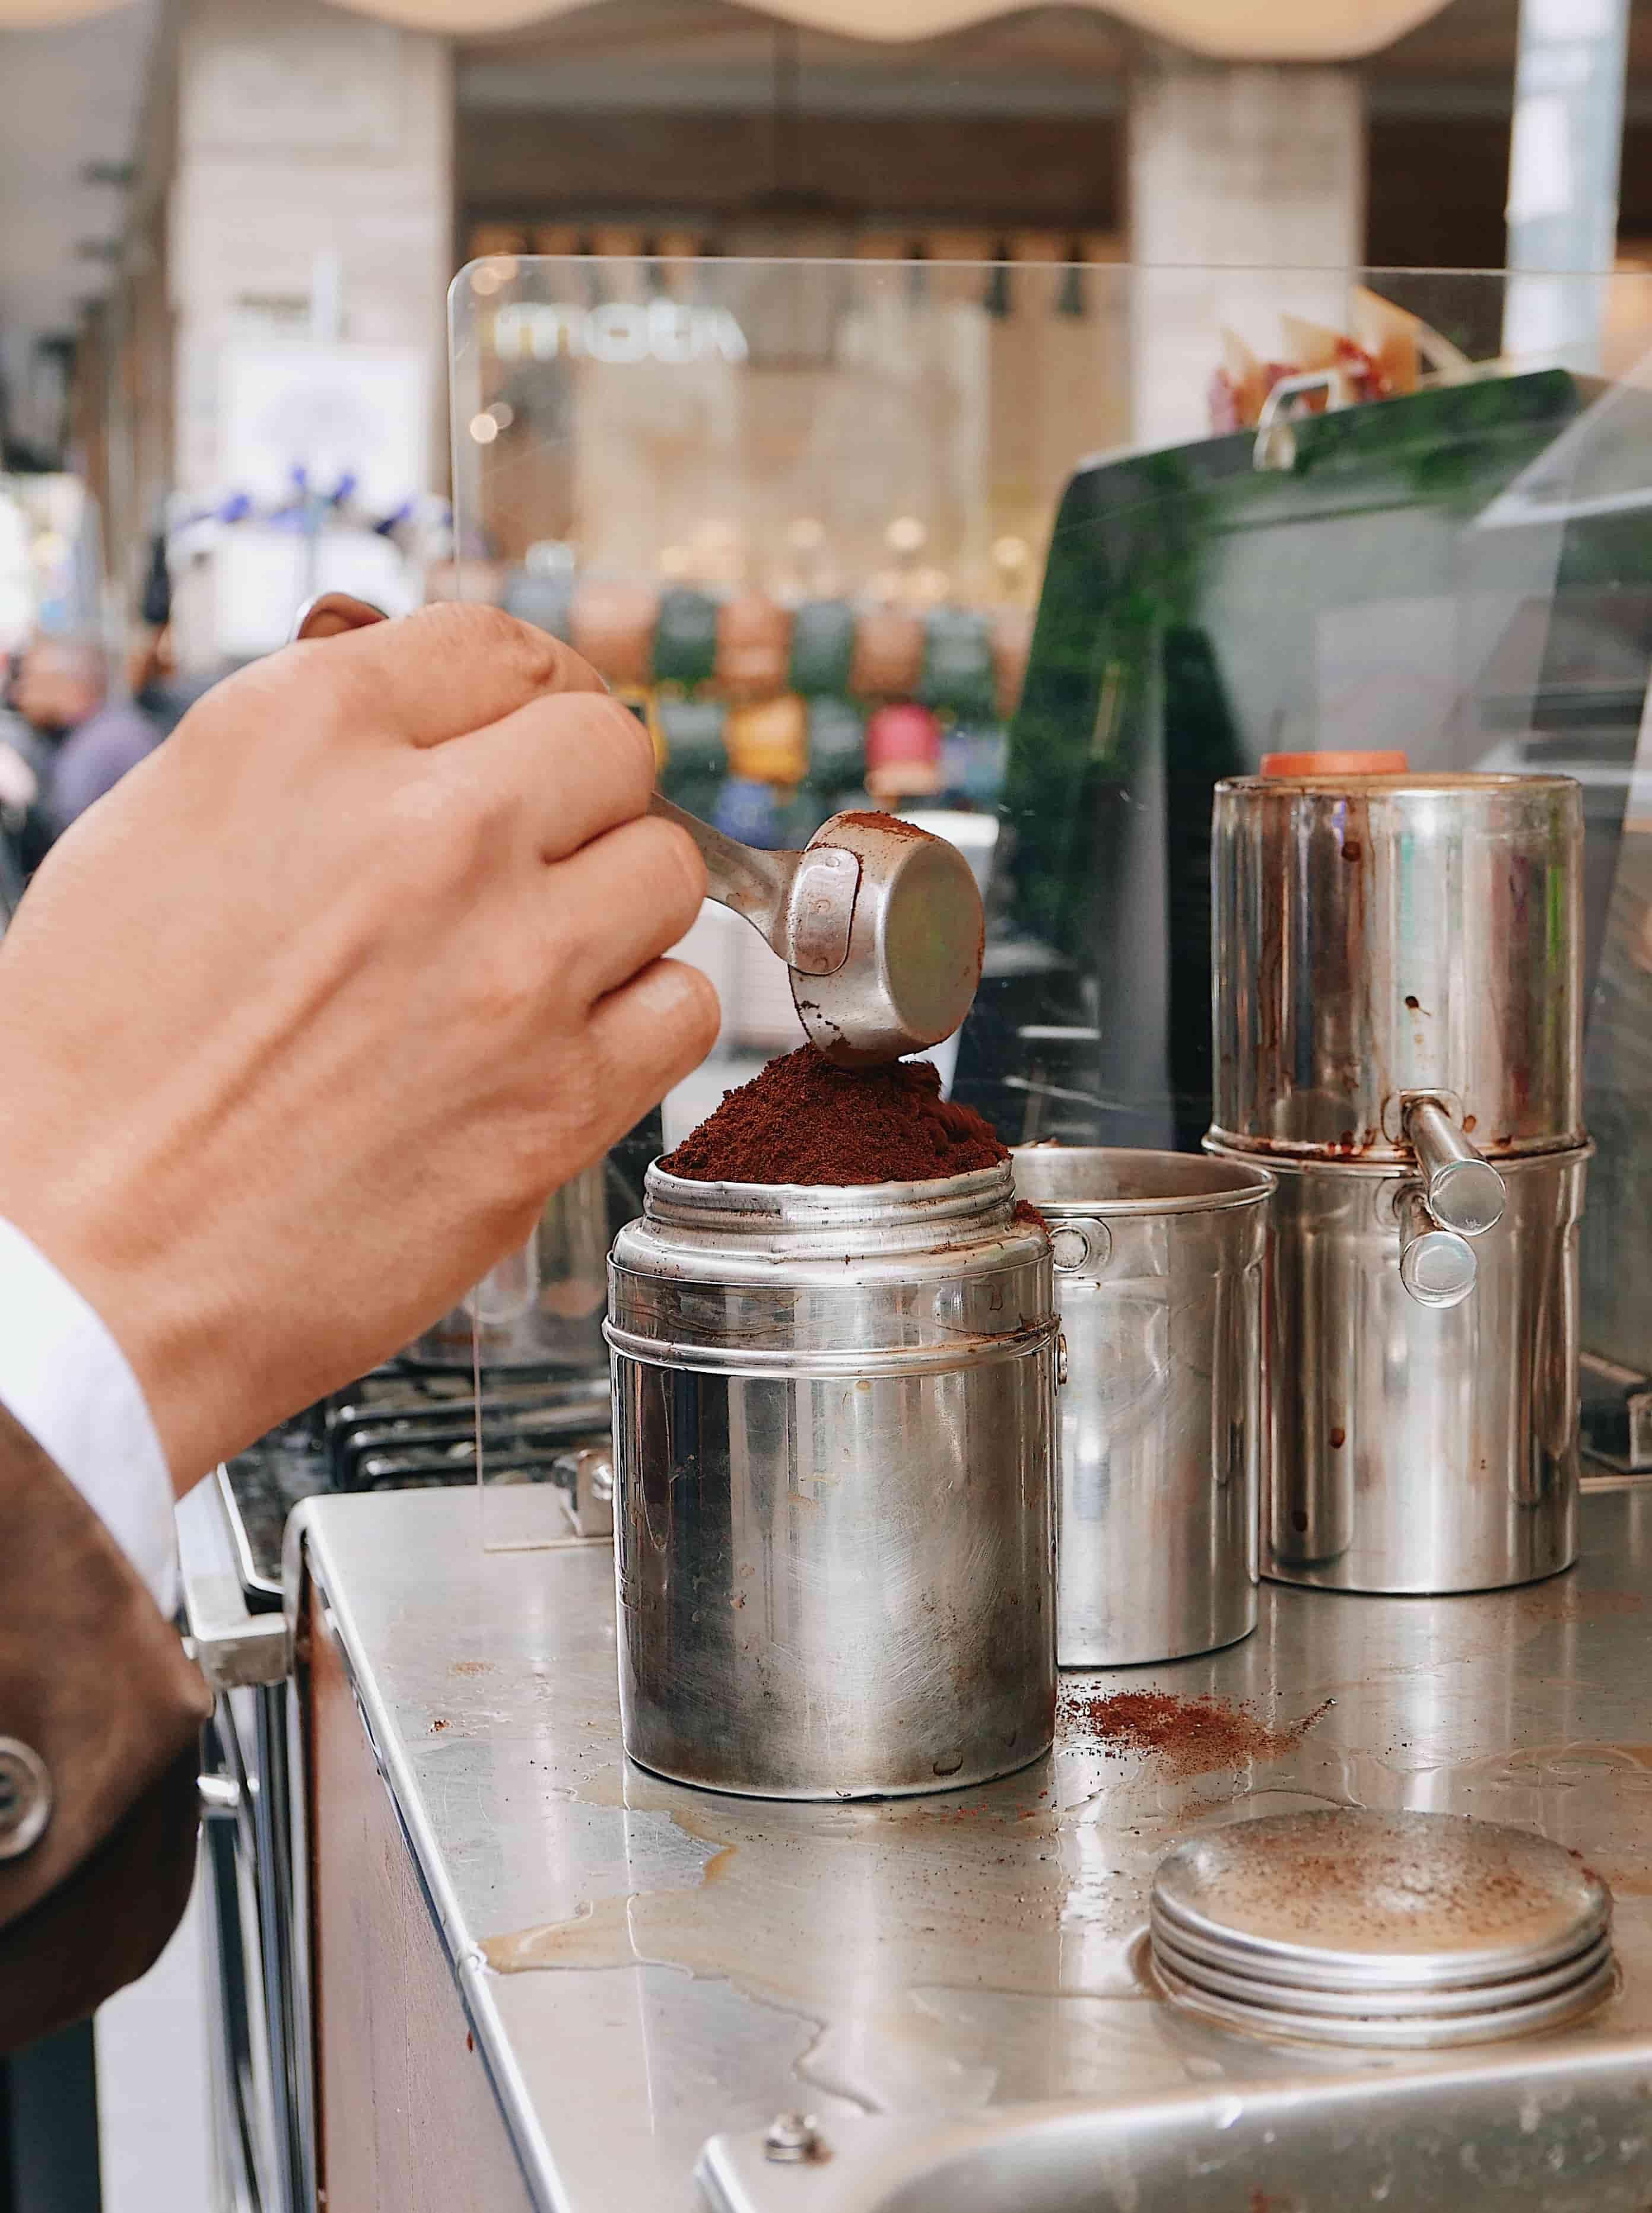 Le café cuccuma, une méthode traditionnelle à Naples avec Don Café